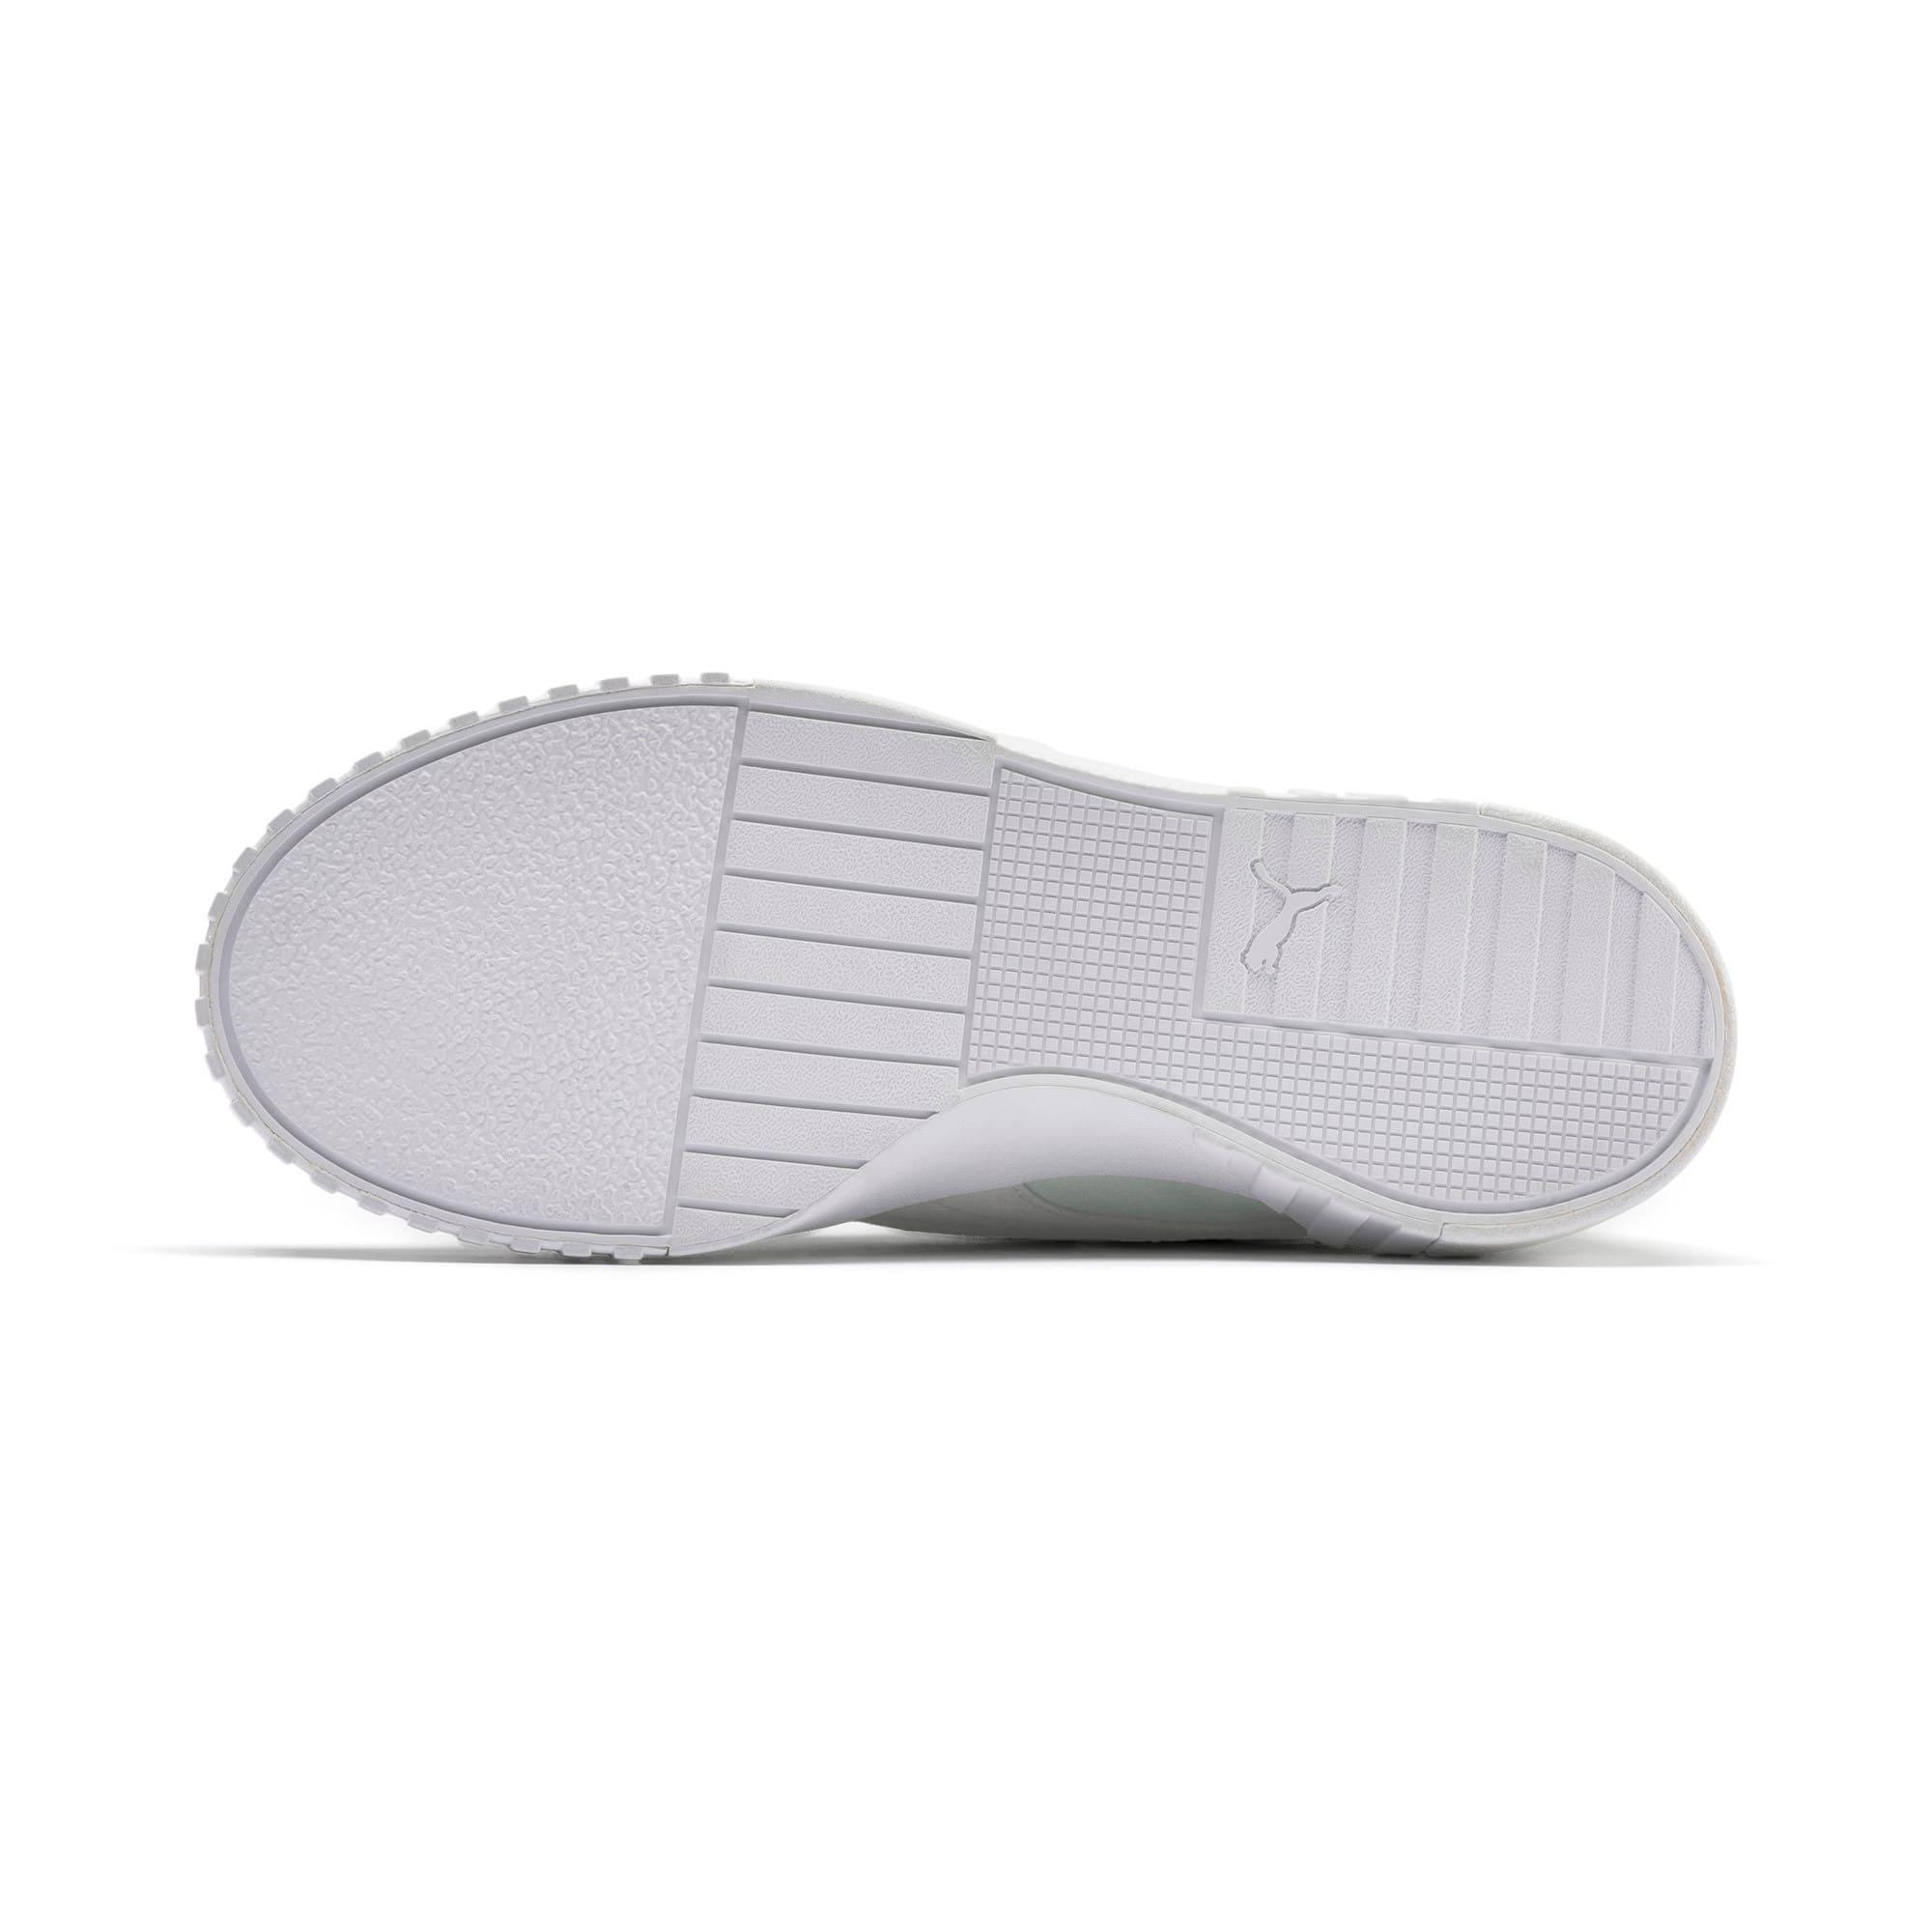 Thumbnail 5 of SG x Cali Suede Women's Sneakers, Fair Aqua-Puma White, medium